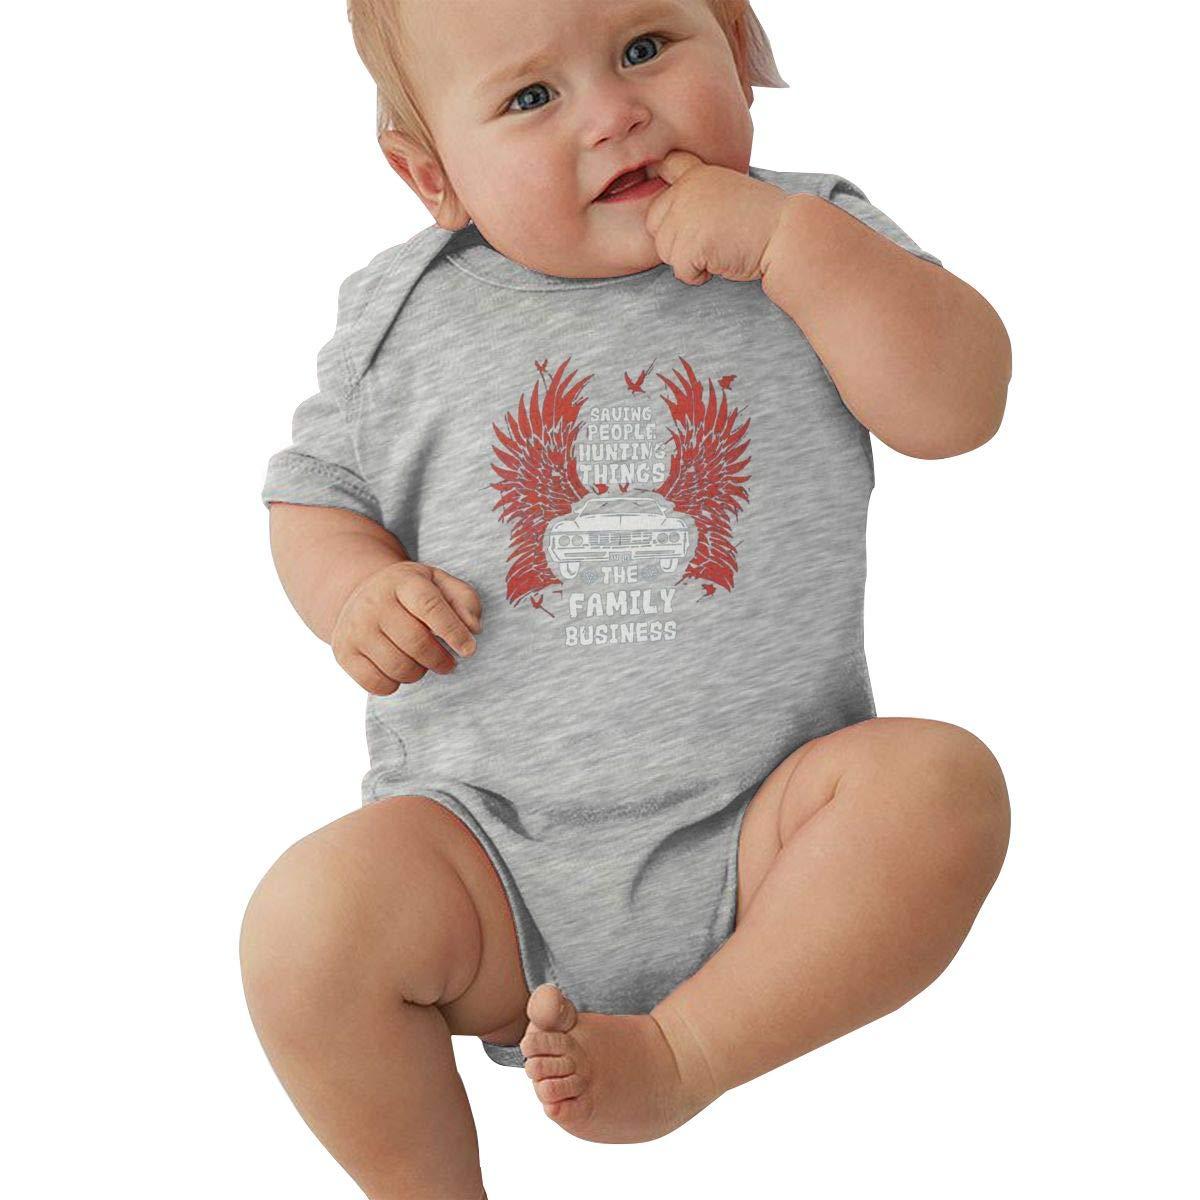 Supernatural Unisex Baby Jumpsuit Bodysuit Romper Novelty Clothes